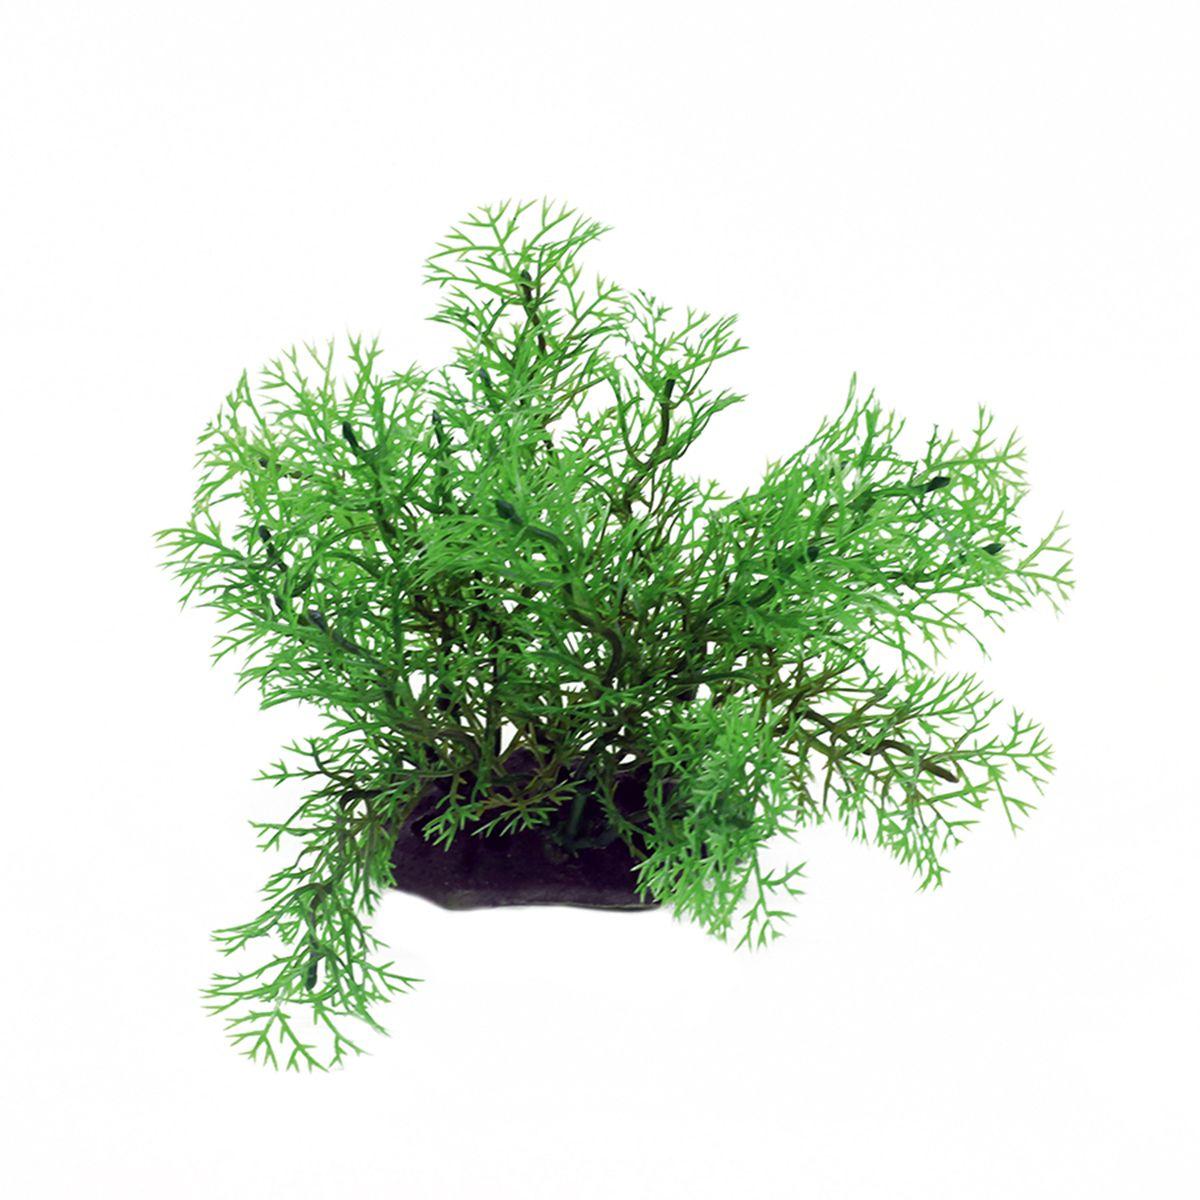 Растение для аквариума ArtUniq Перистолистник, высота 10-12 см0120710Растение для аквариума ArtUniq Перистолистник, высота 10-12 см